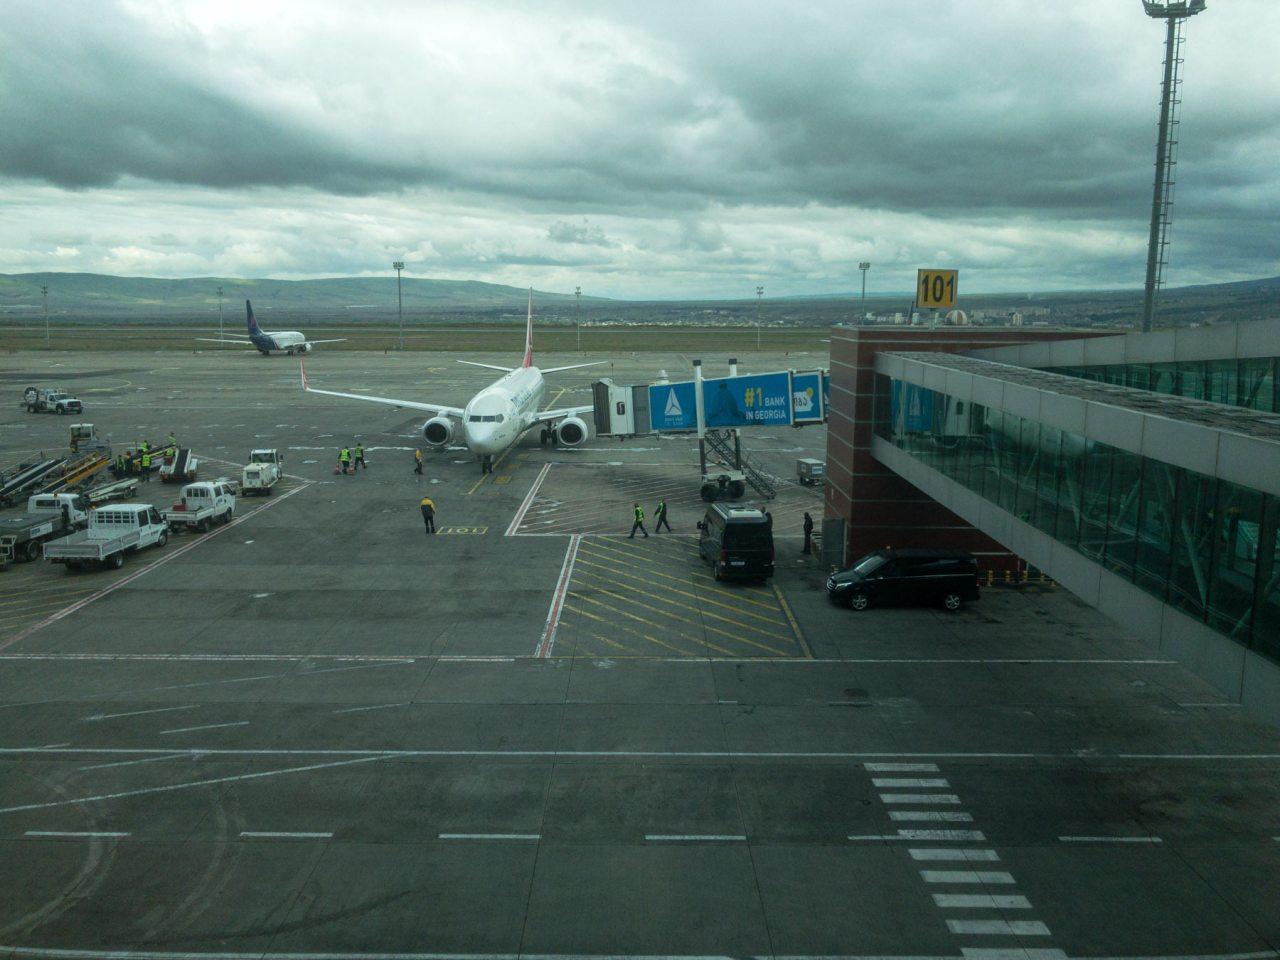 Tbilisi Airport